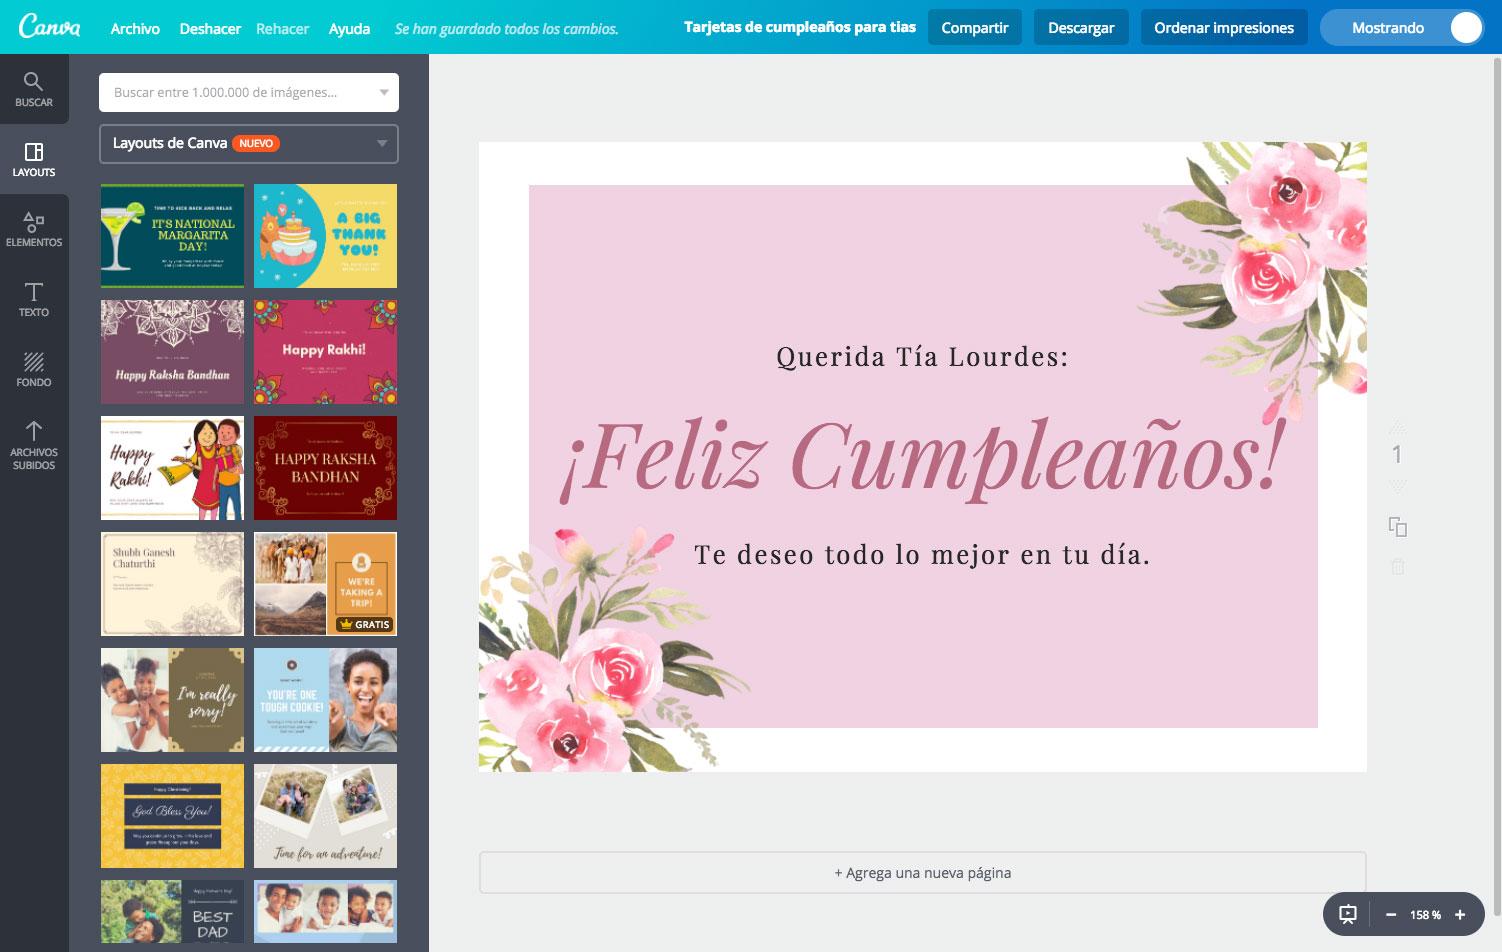 Crea tarjetas de cumpleaños para tu tía online gratis - Canva